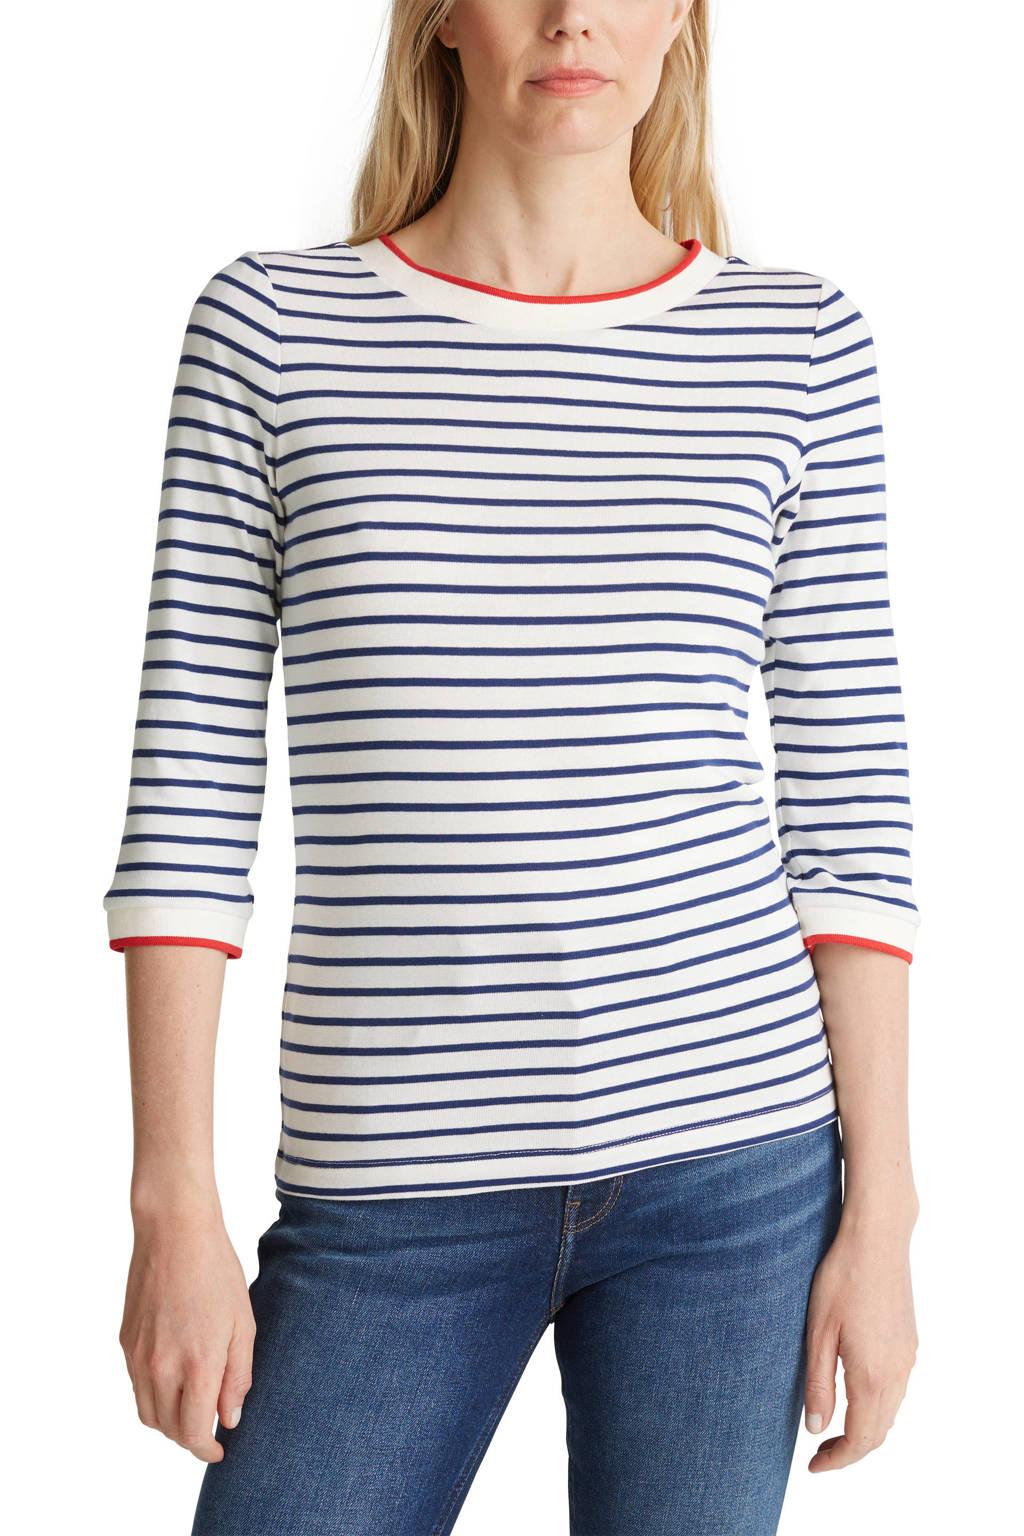 ESPRIT Women Casual gestreepte top wit/donkerblauw/rood, Wit/donkerblauw/rood